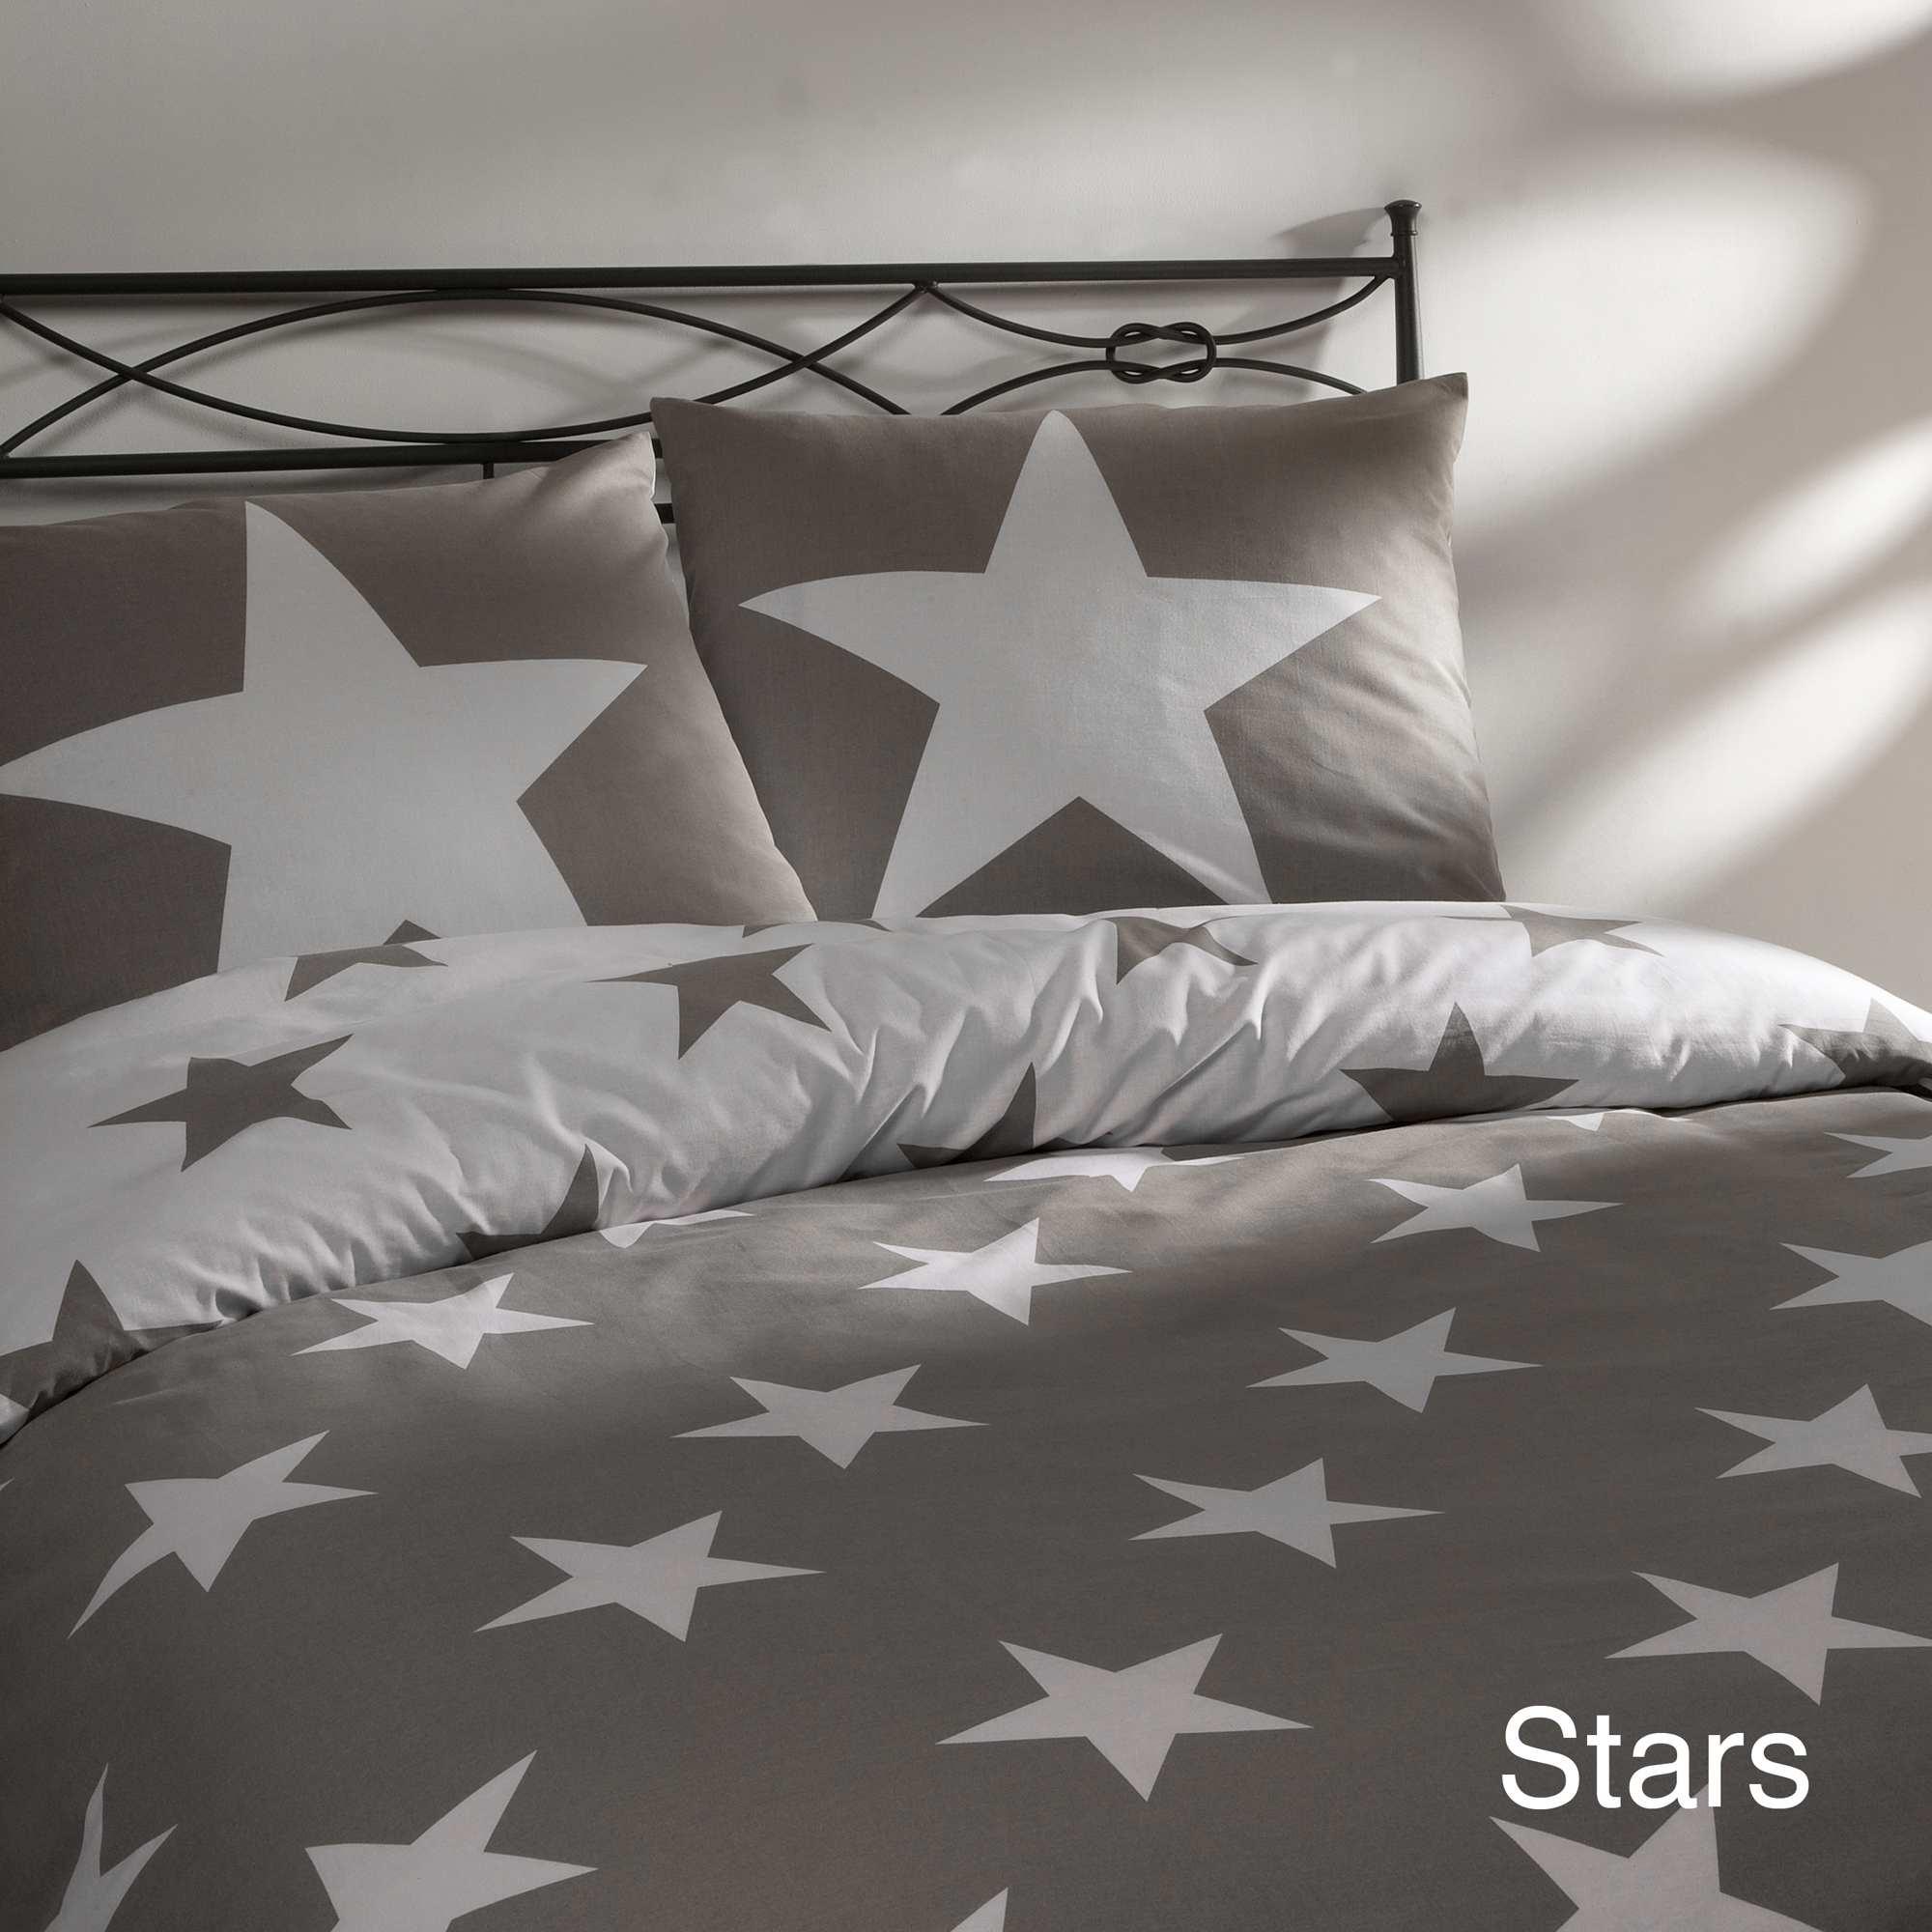 Couleur : gris foncé, , ,, - Taille : 140x200, , ,,Pour votre petite star ! - Parure de lit 1 personne motif étoiles - Comporte une